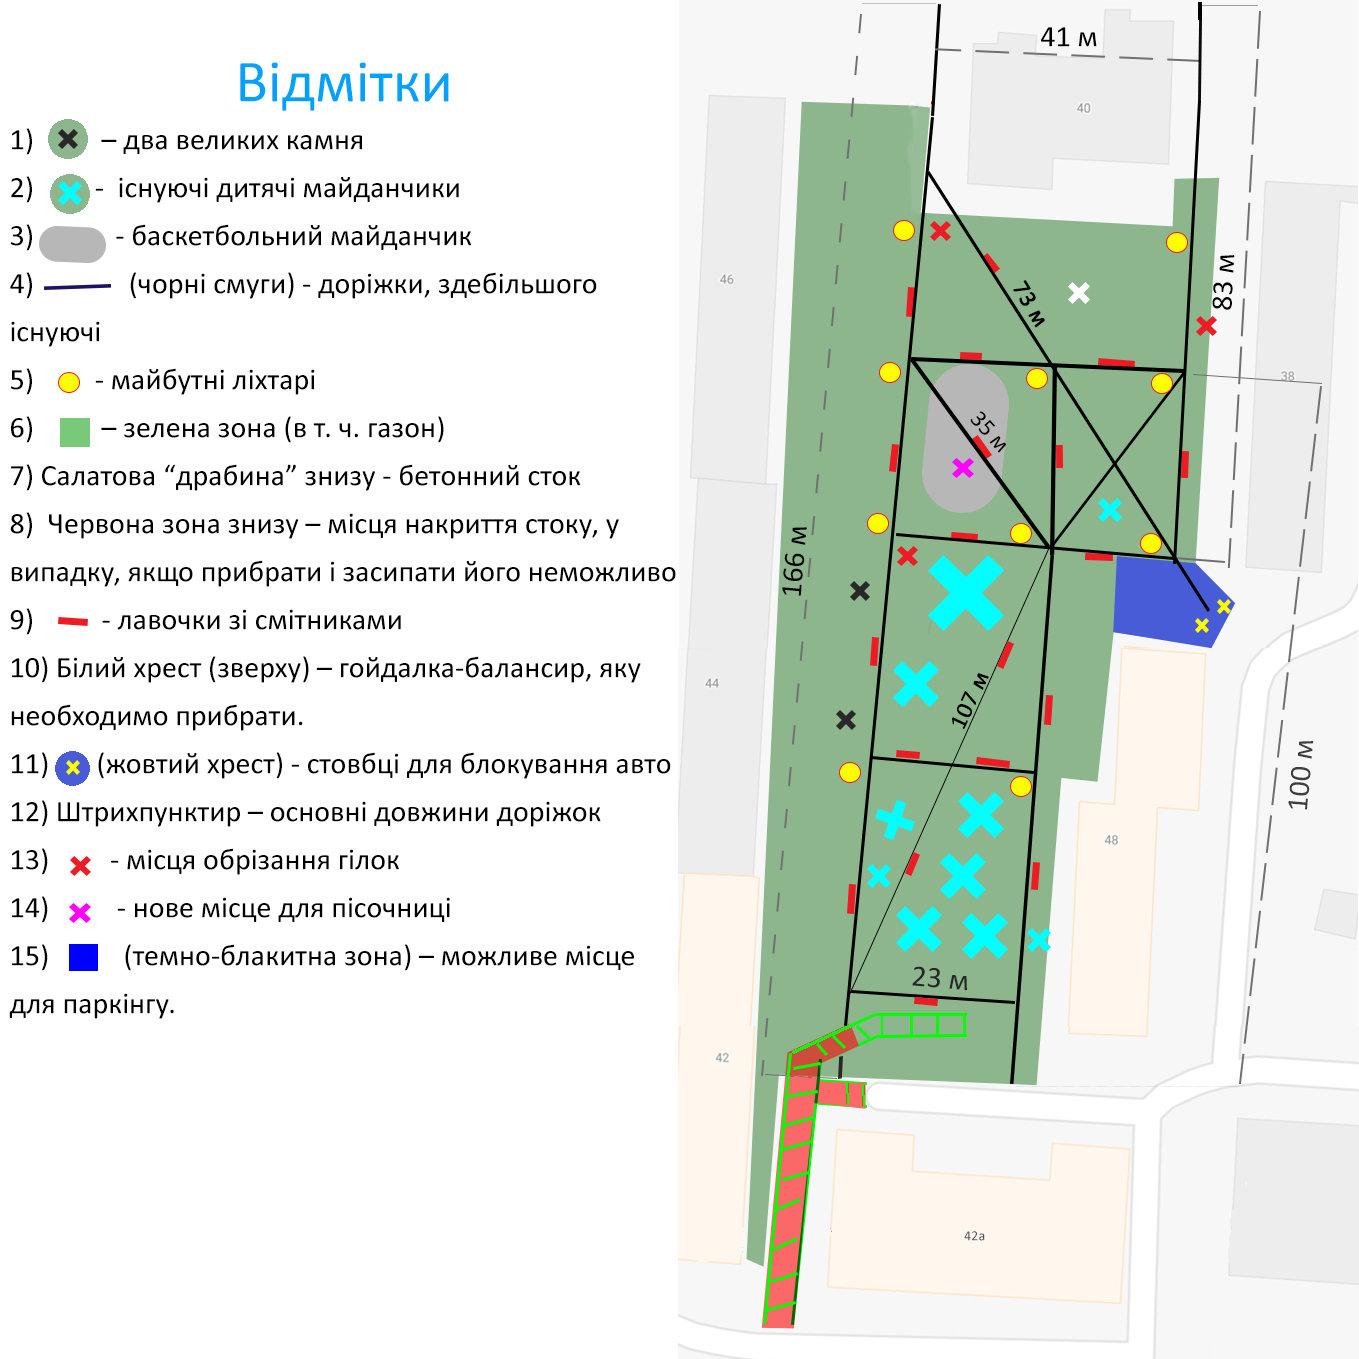 Жителі вулиці Рокосовського хочуть гарний парк: зареєстрували петицію, фото-1